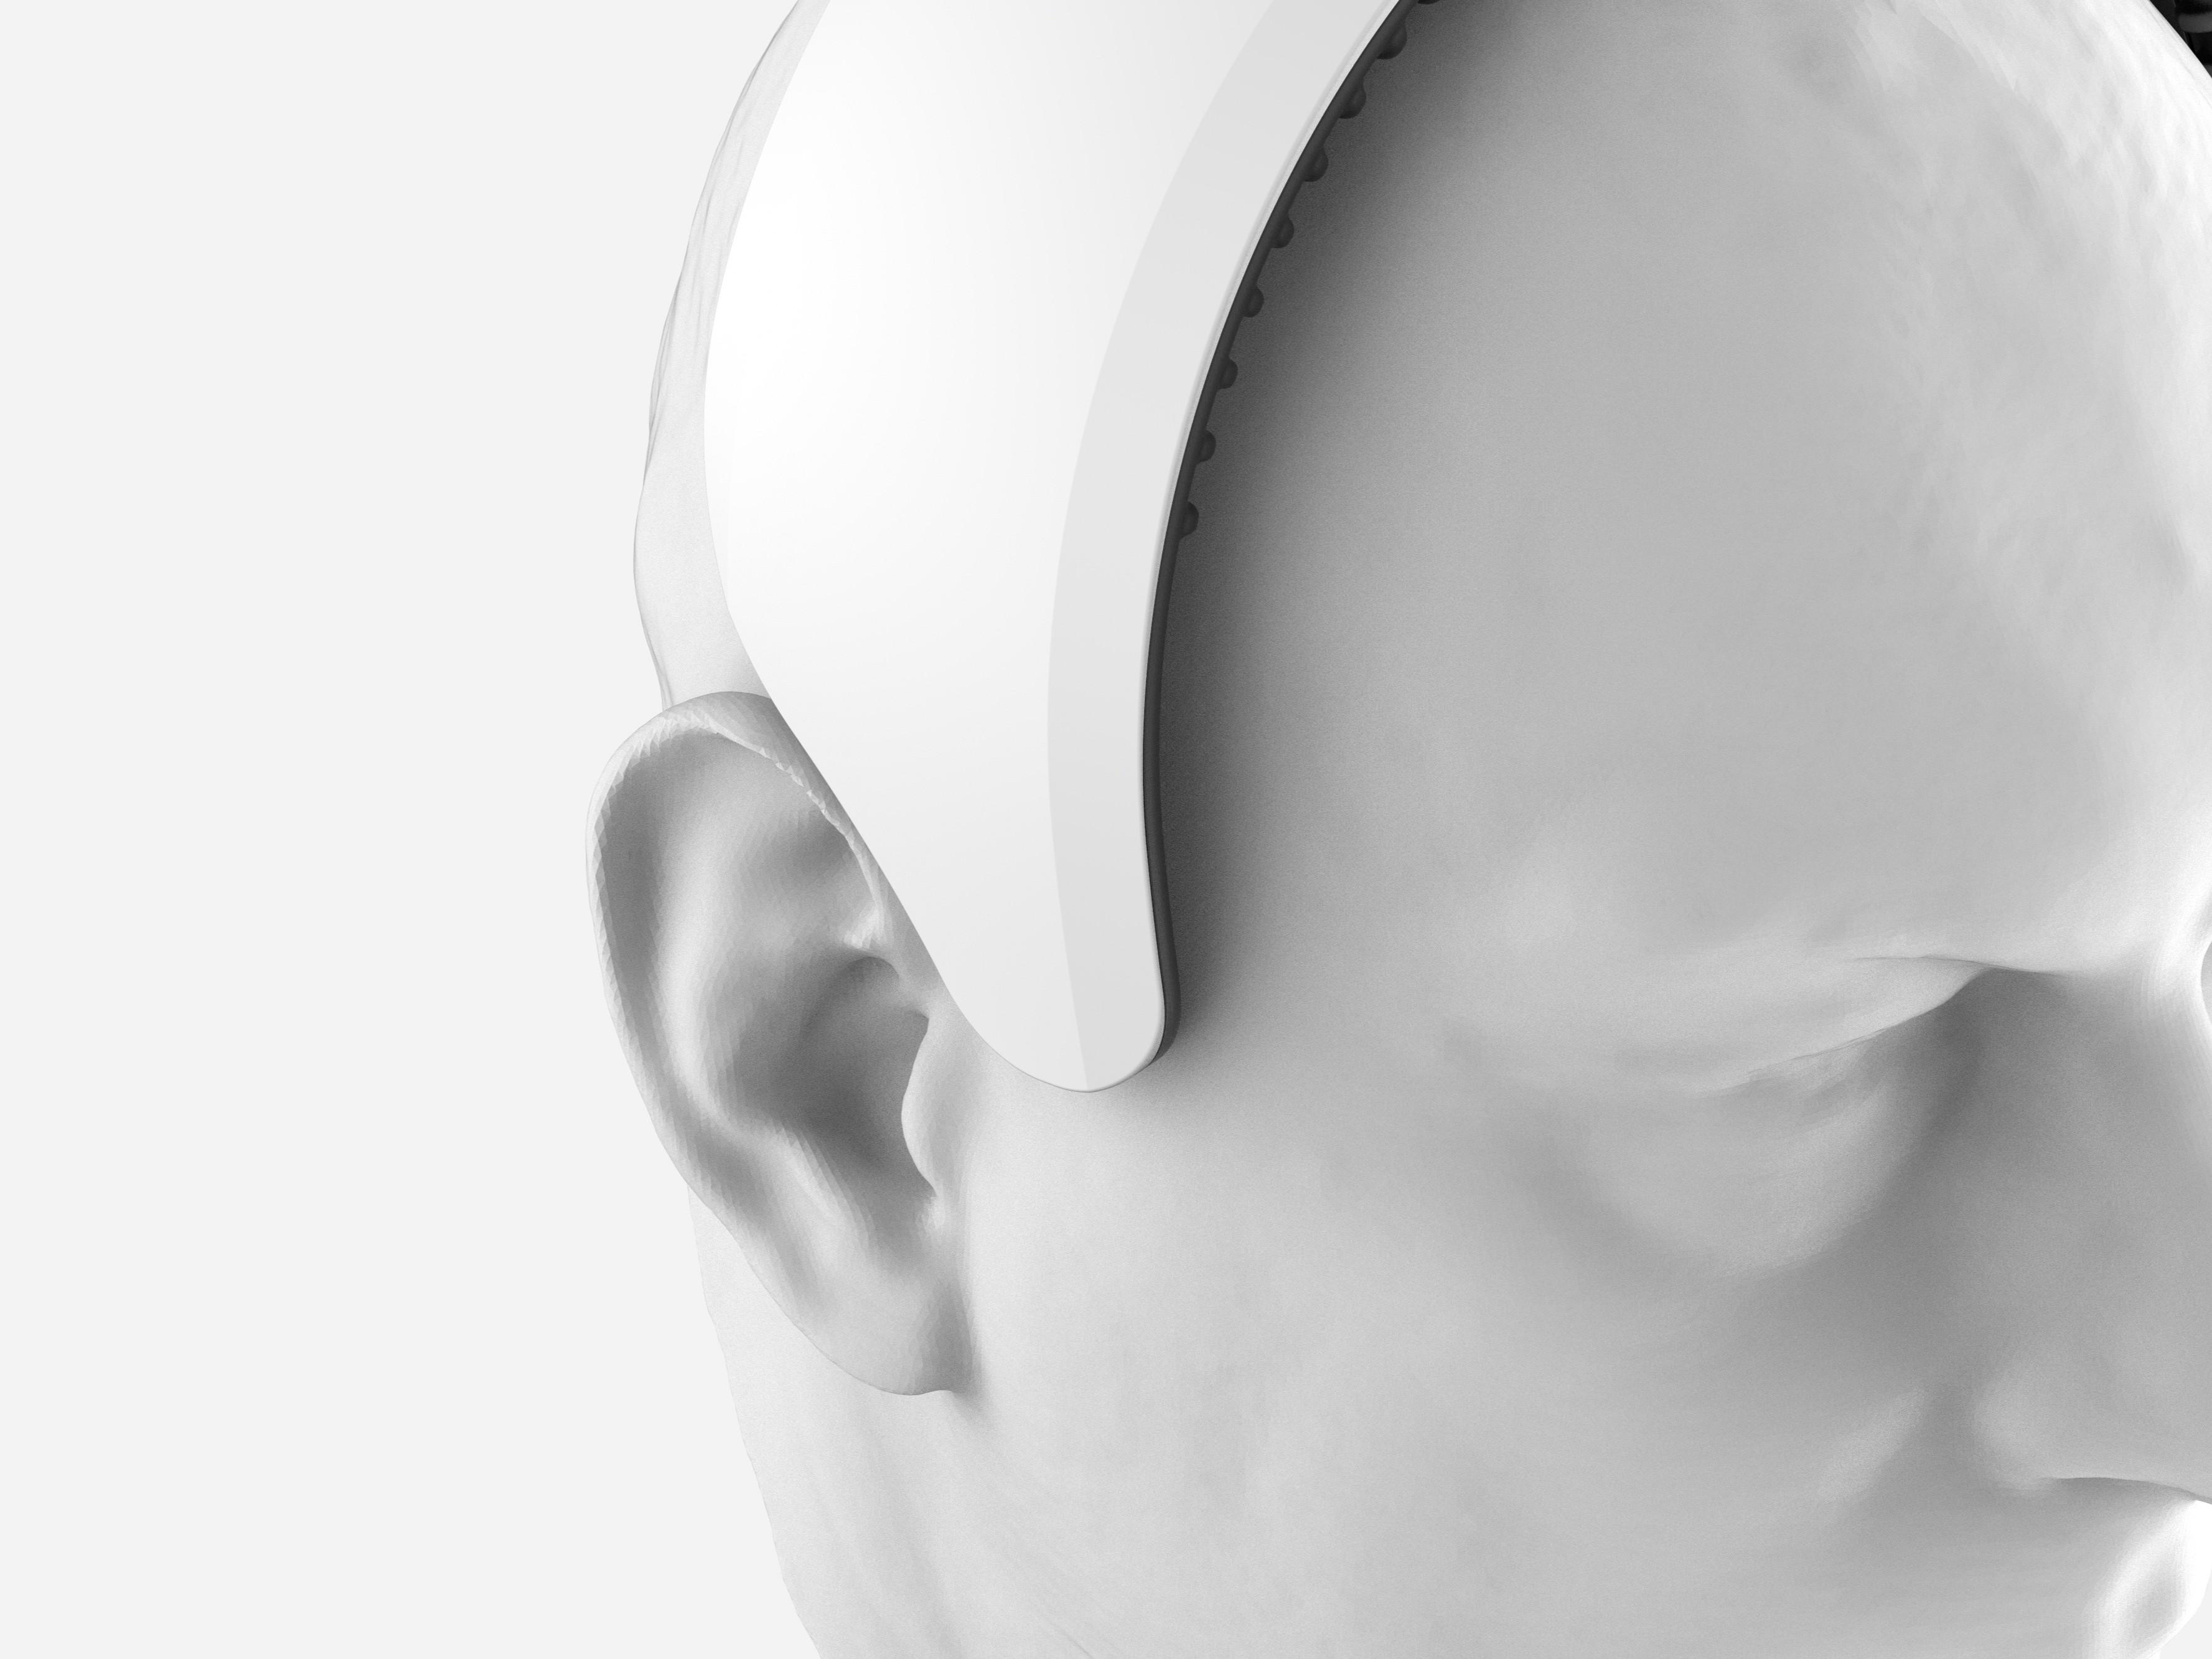 대기업출신 3D 모델링 렌더링 제품디자인 작업 해 드립니다.